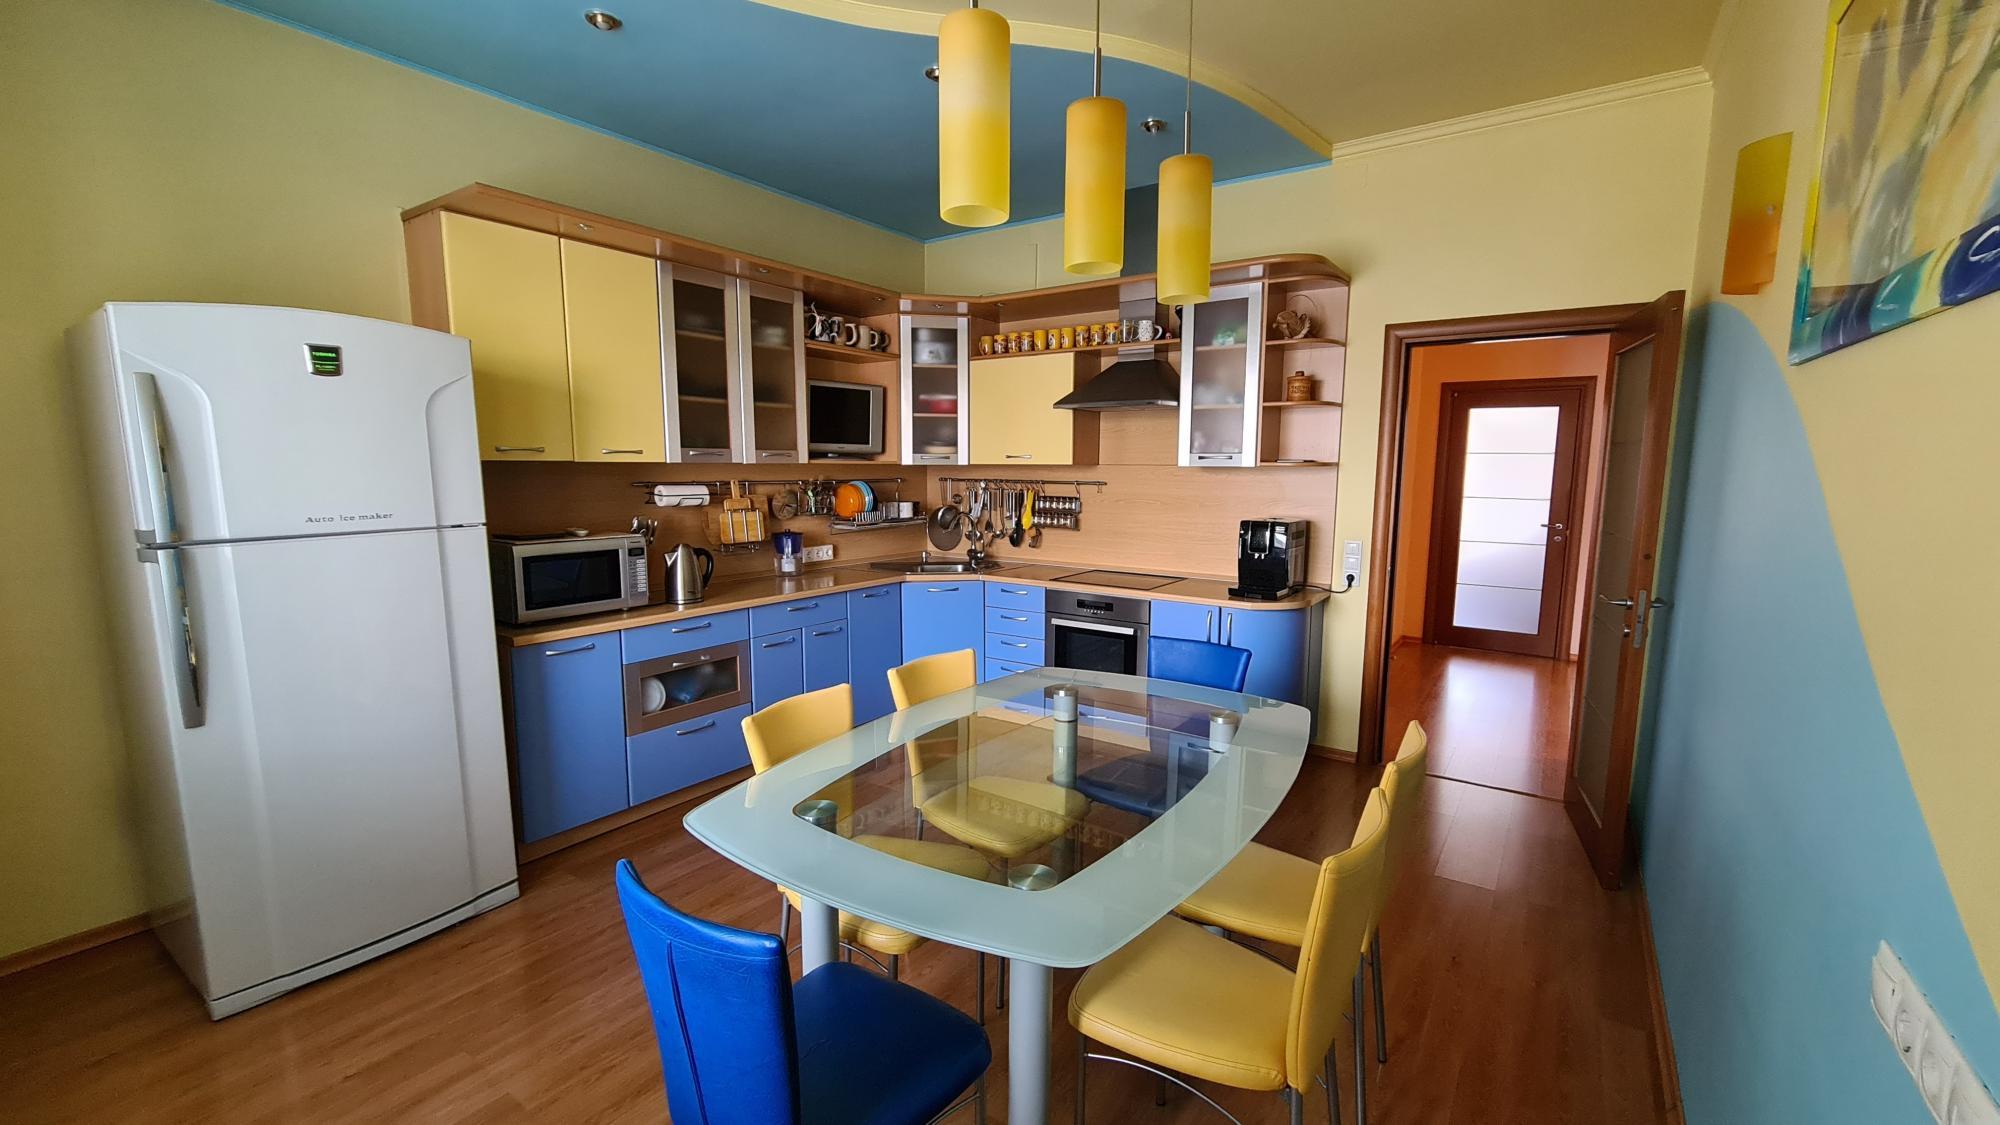 4к квартира улица Елены Стасовой, 25Г | 70000 | аренда в Красноярске фото 11